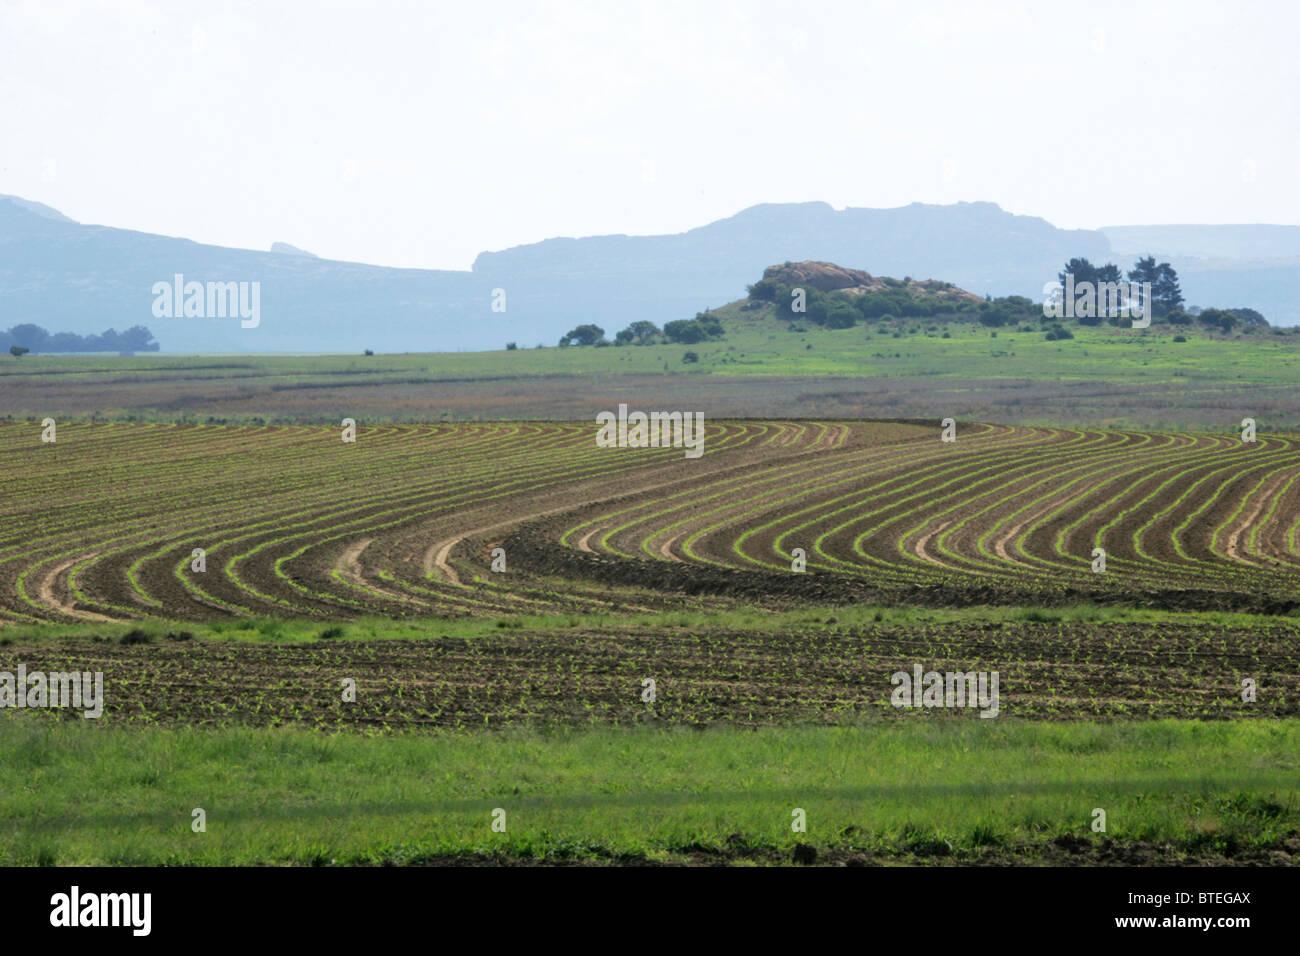 Tierras agrícolas mostrando arado en contorno Imagen De Stock